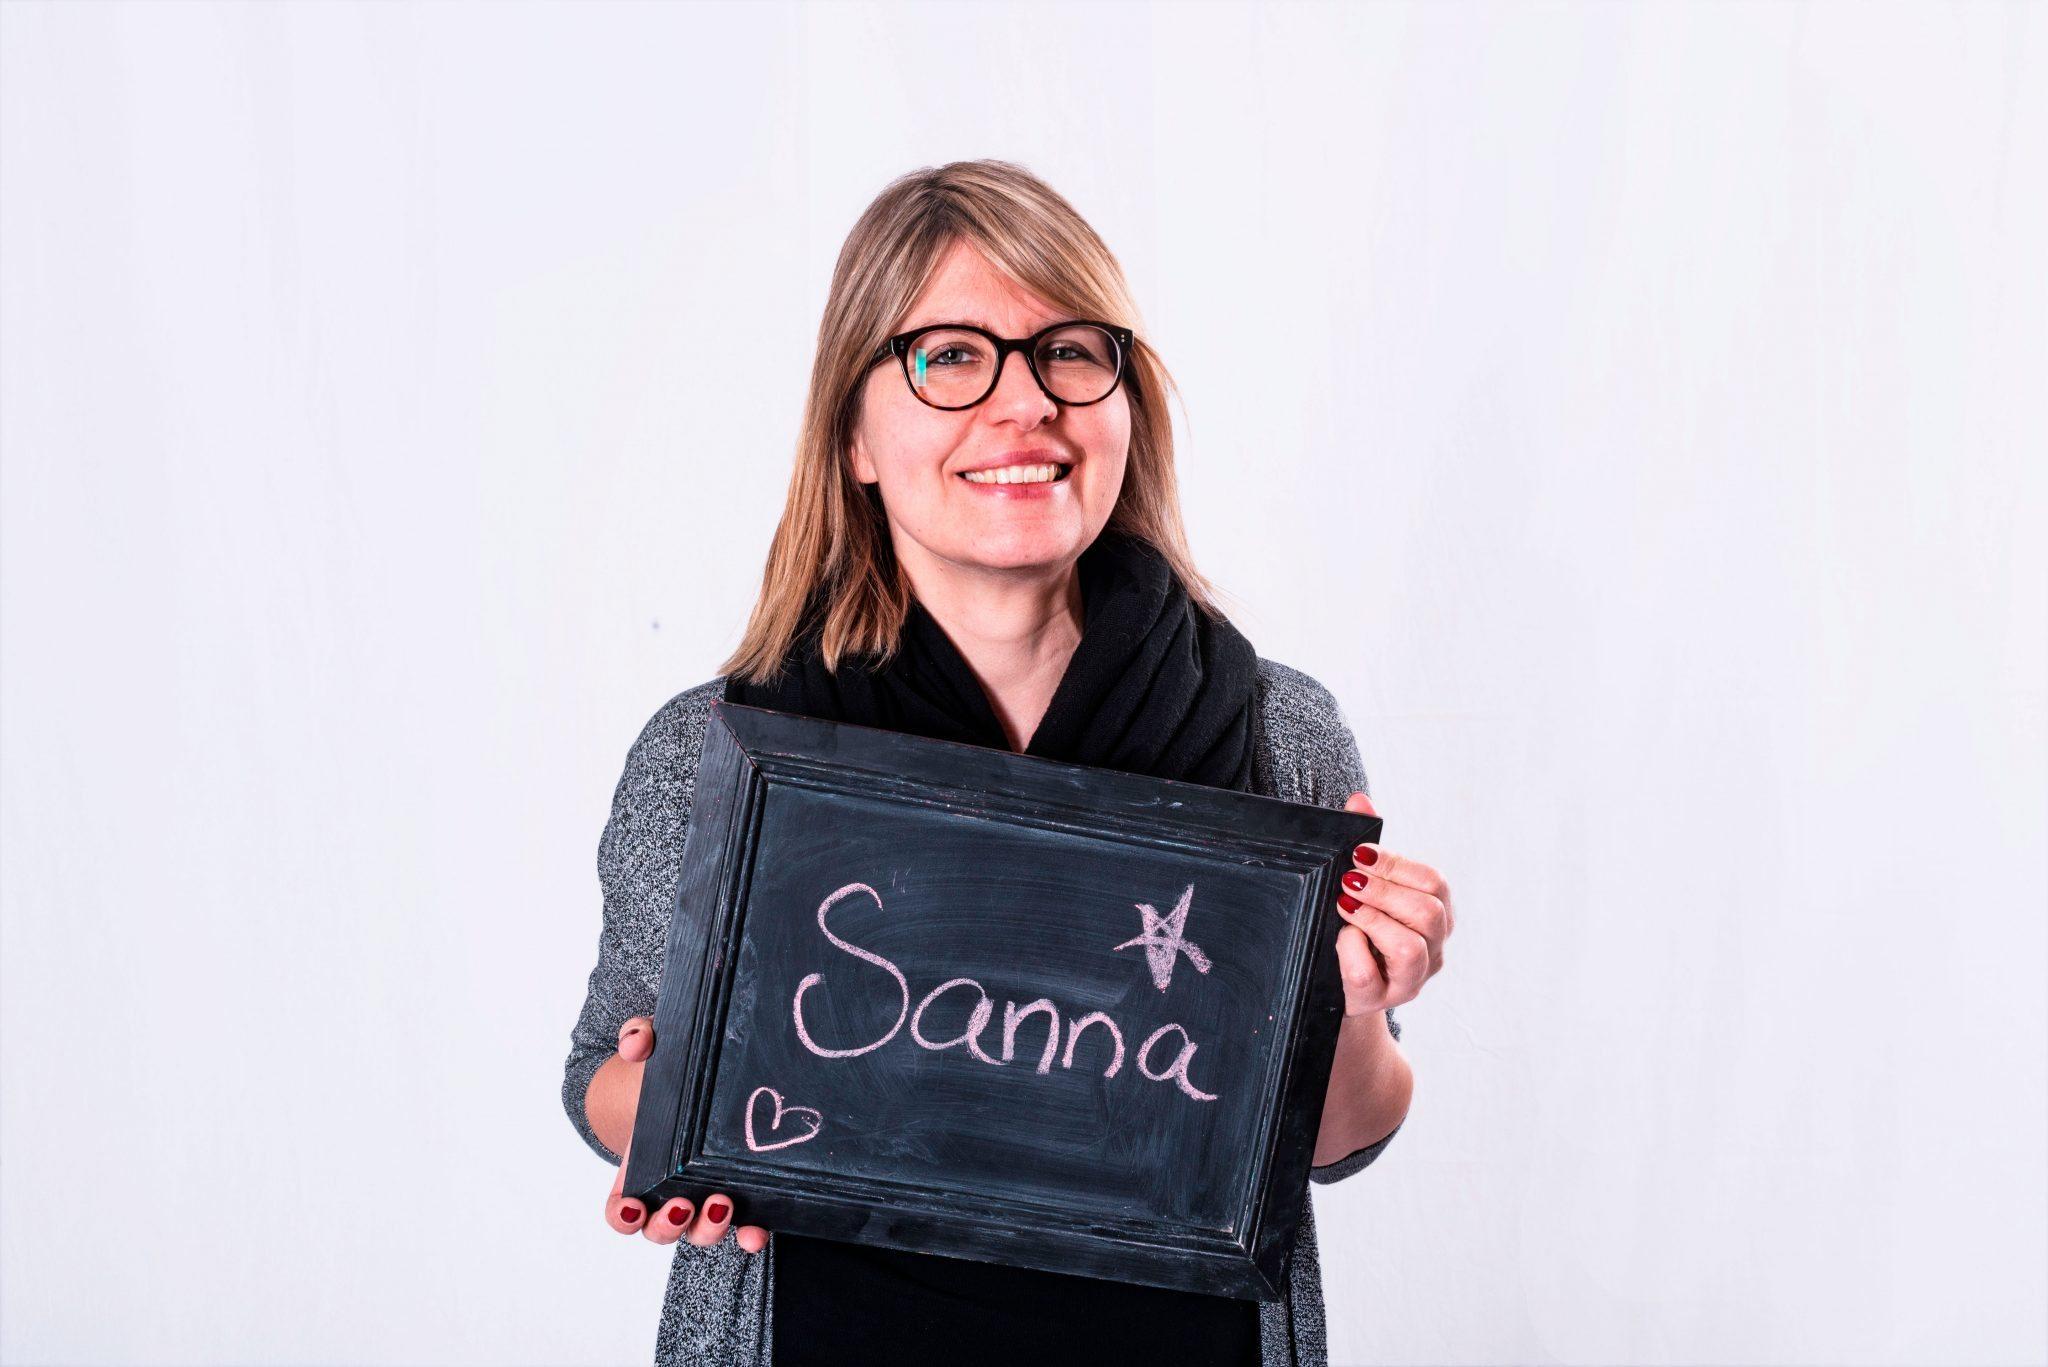 Sanna Heikkinen